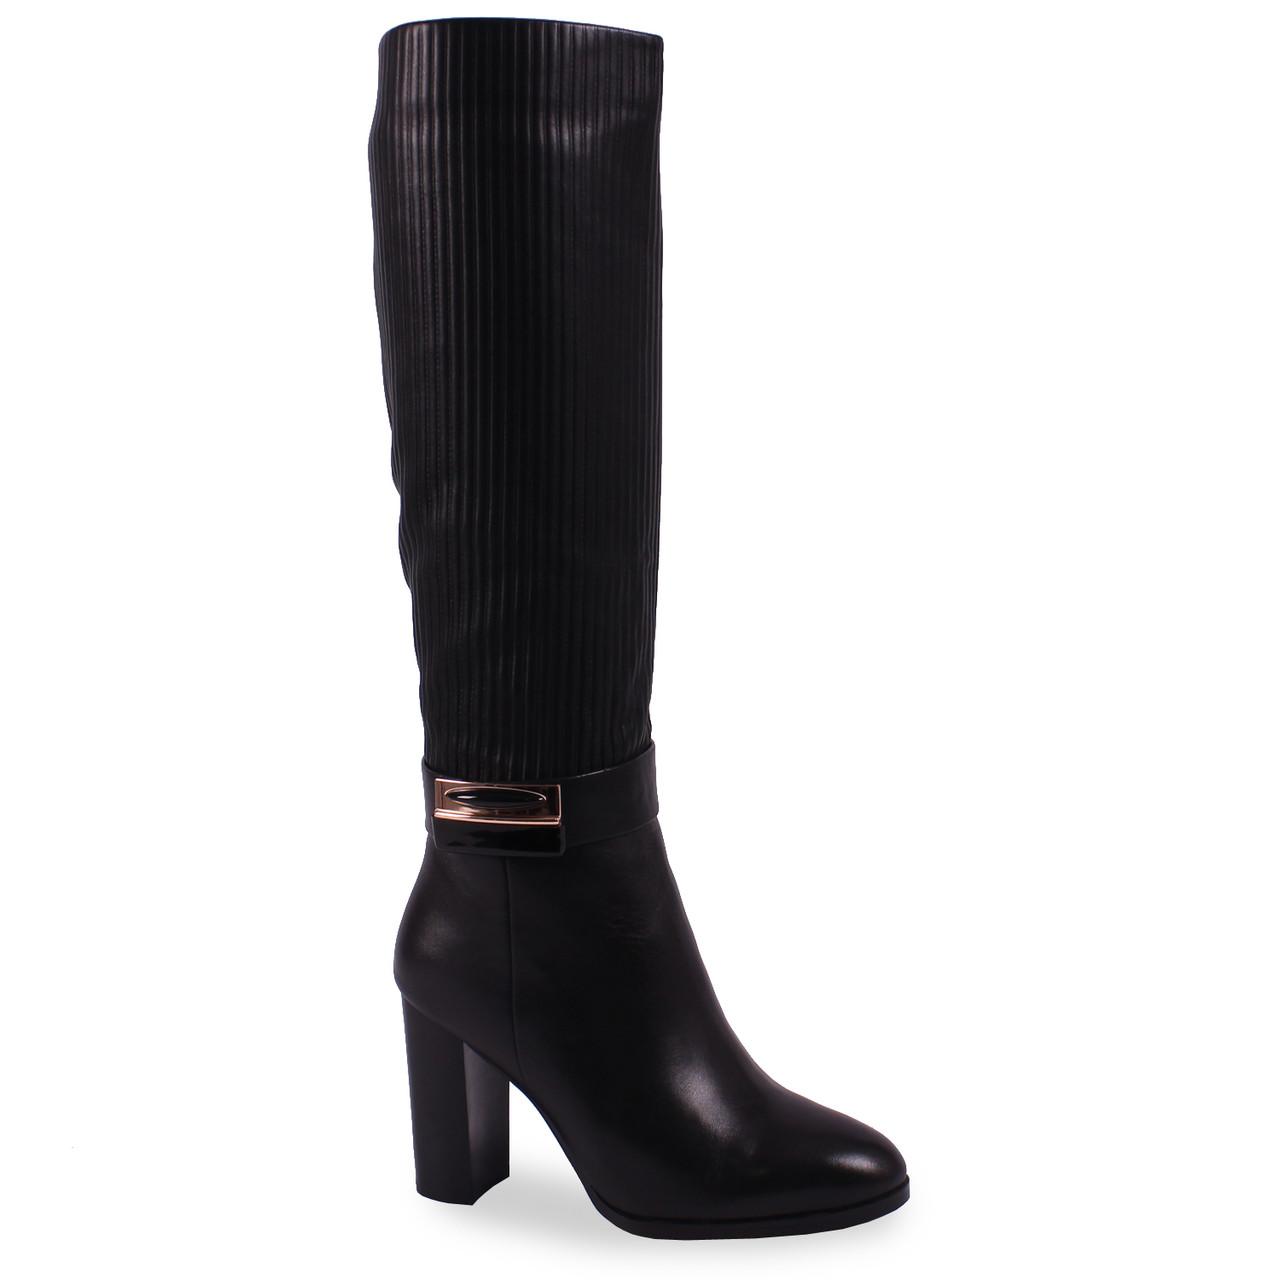 Модные женские сапоги Lanzoni aB (кожаные,зимние, черные, на каблуке, есть замок, есть резинка)